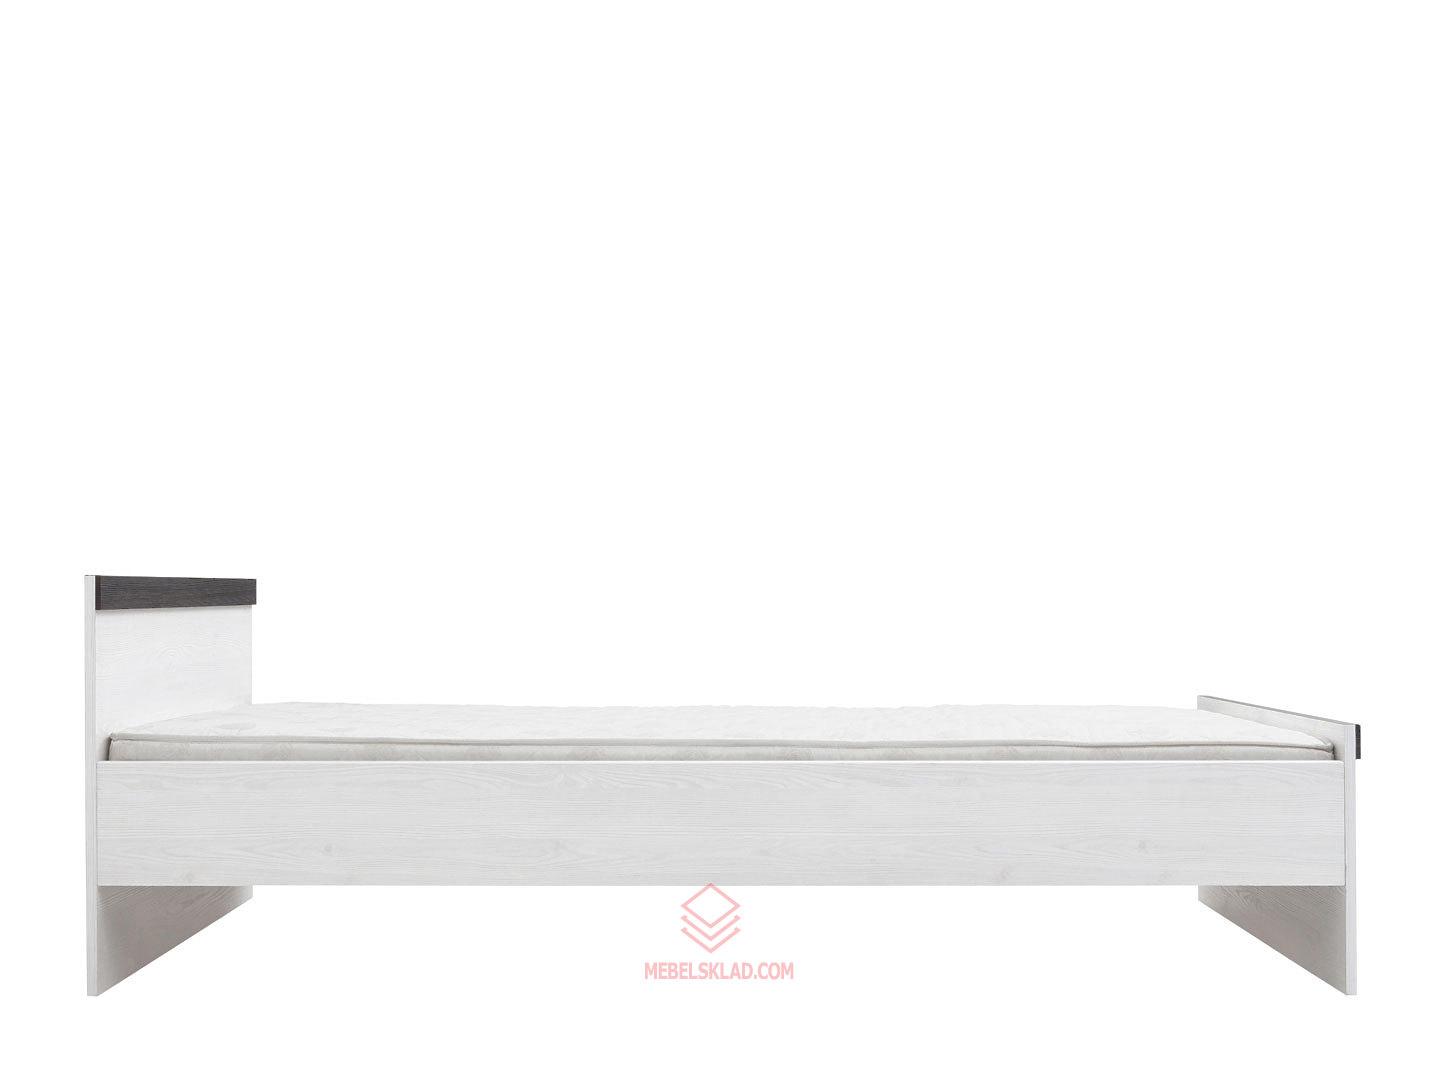 Кровать LOZ90x200 Porto металлическое основание за 11448 ₽